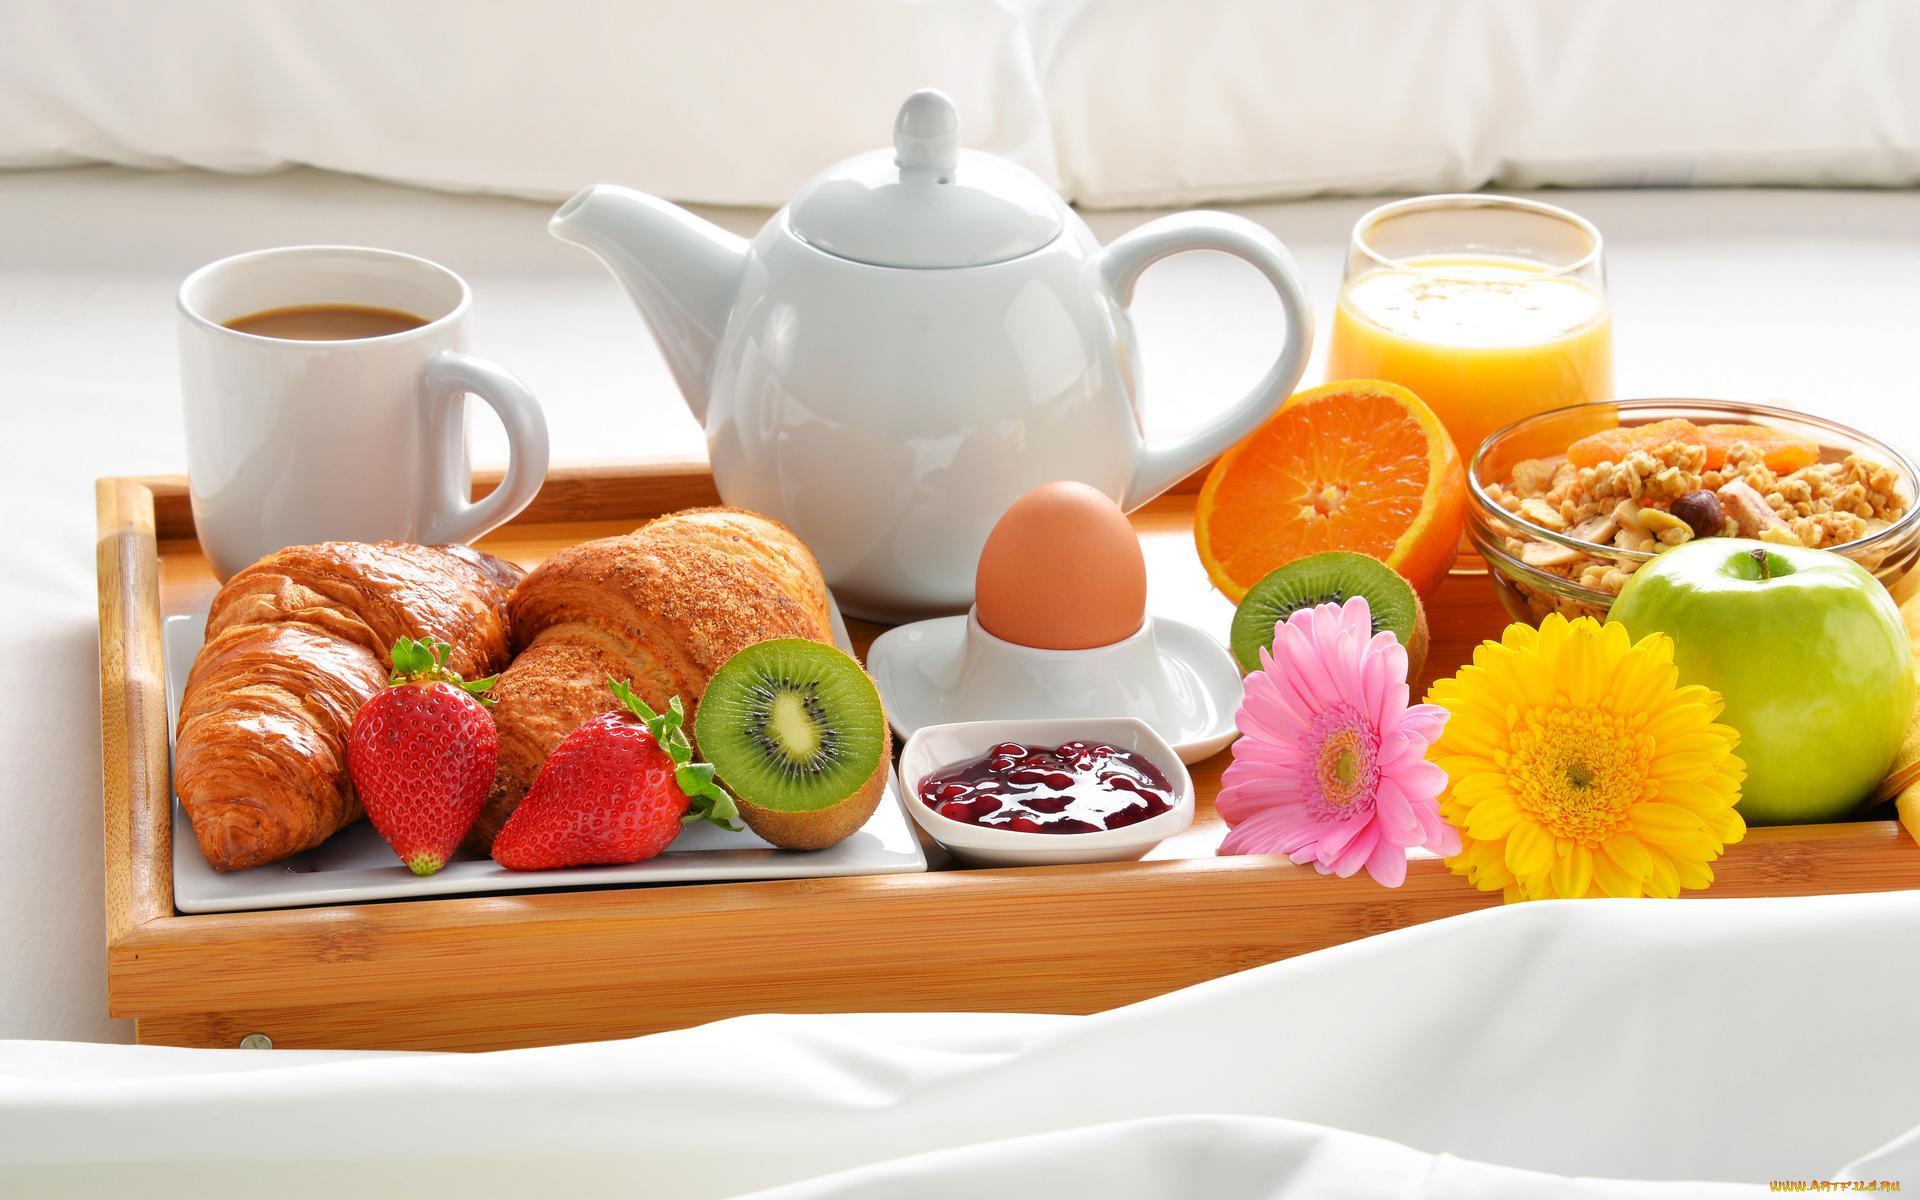 утренний кофе и фрукты для тебя картинки красивые